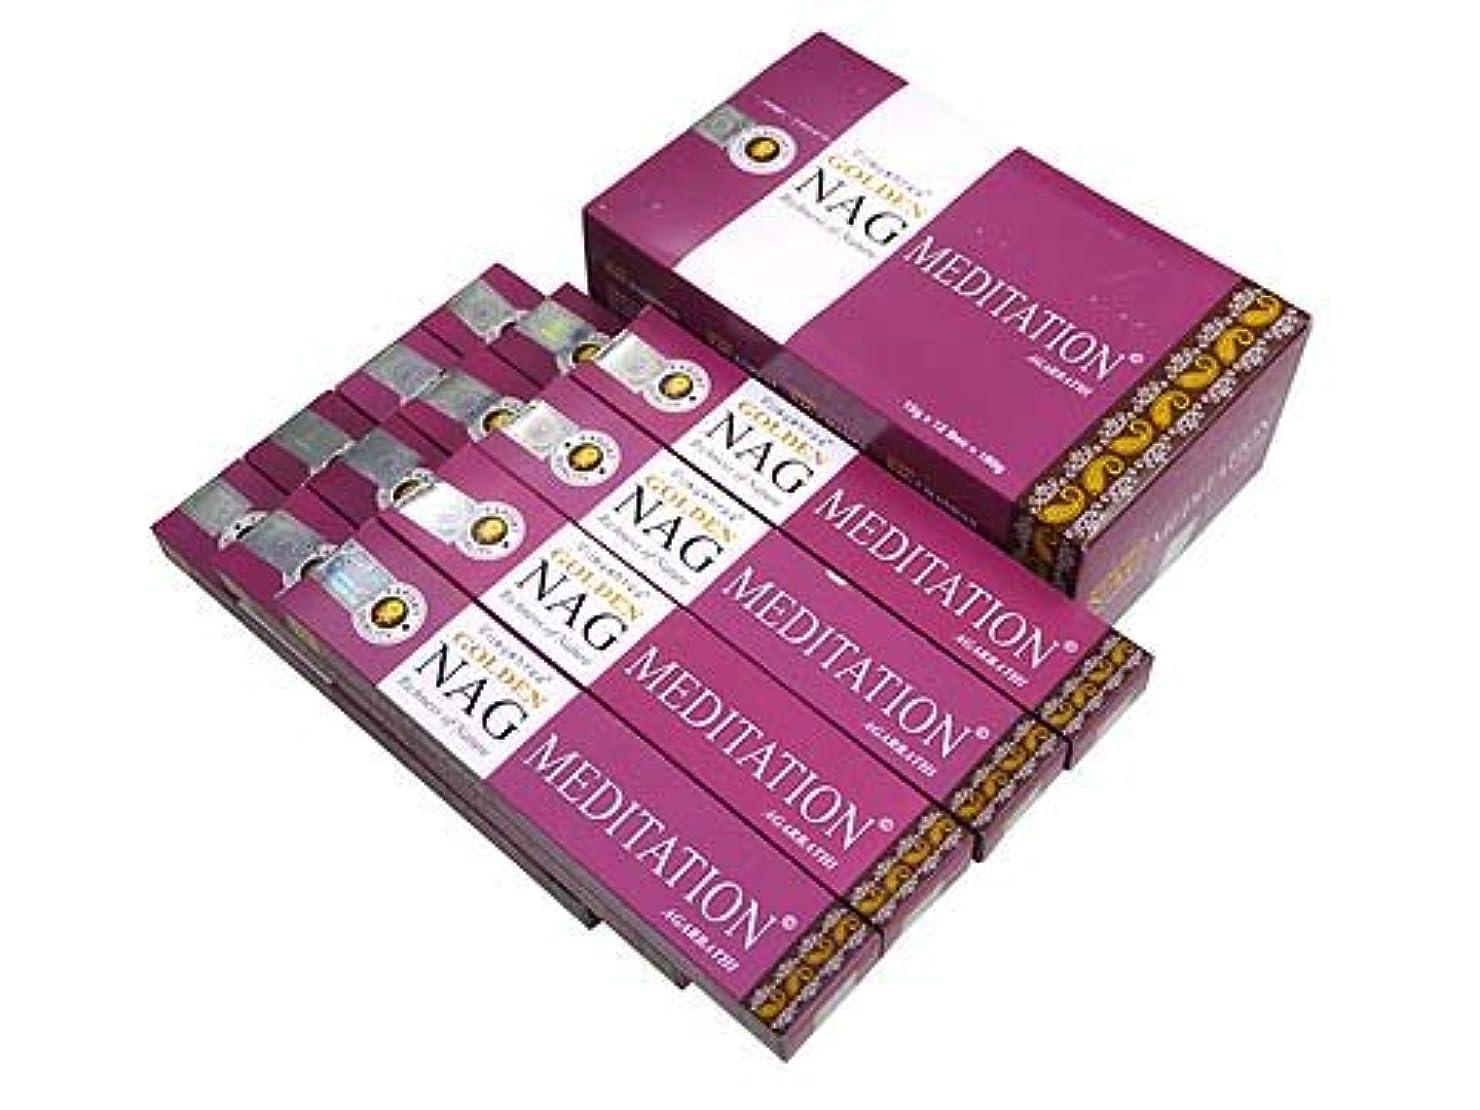 多様な襲撃ベーカリーVIJAYSHRE(ヴィジェイシリー ゴールデン) NAG MEDITATION ゴールデン ナグメディテーション香 スティック 12箱セット